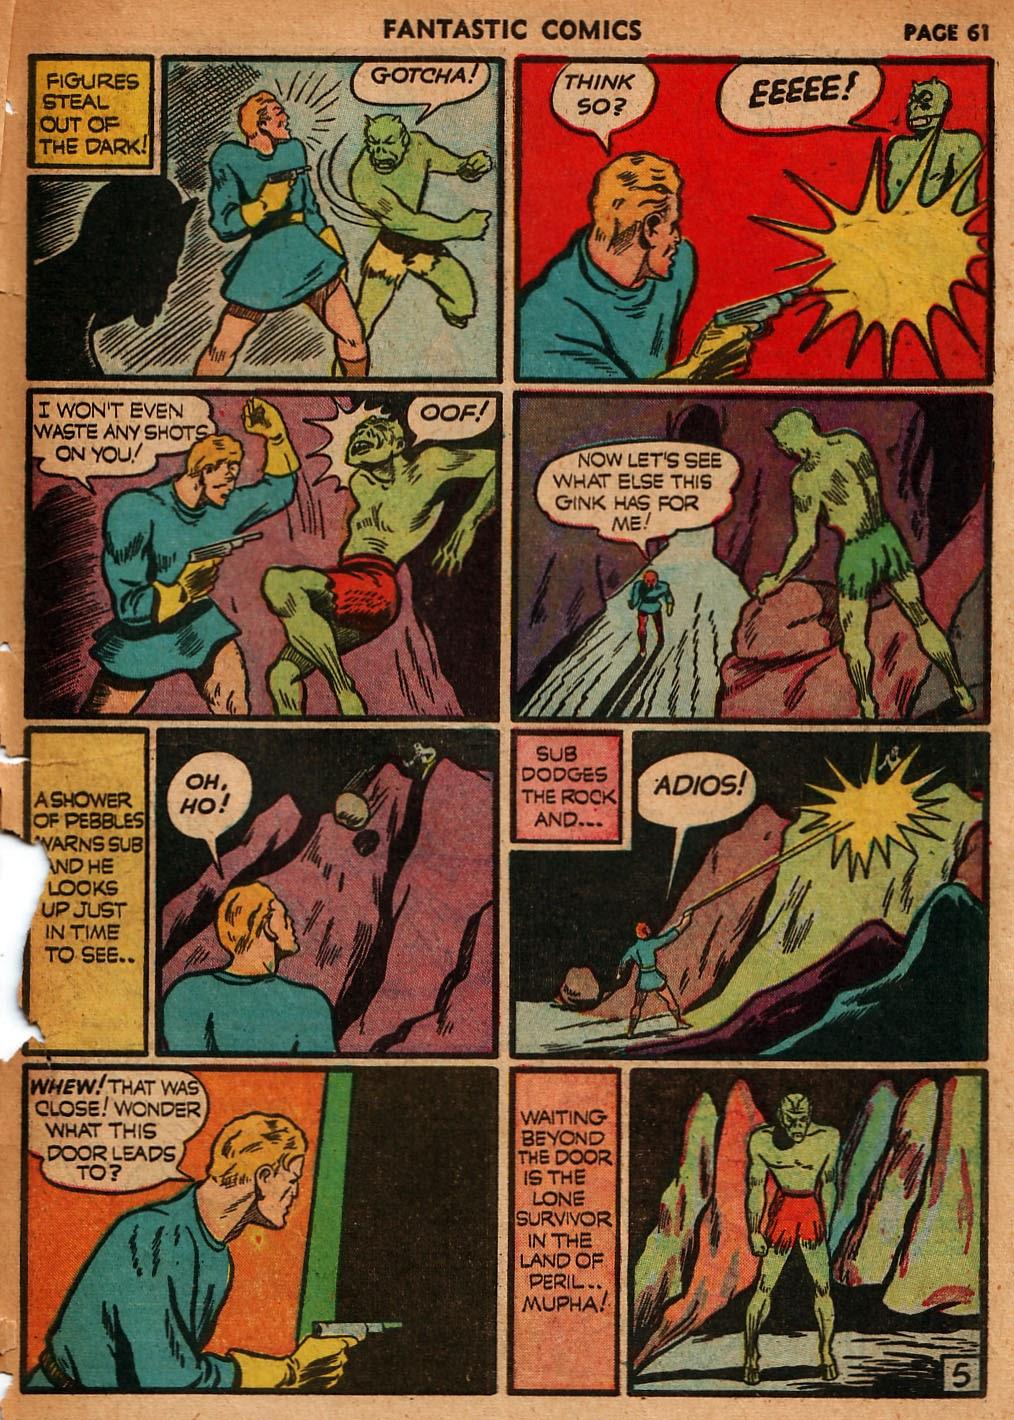 Read online Fantastic Comics comic -  Issue #18 - 63